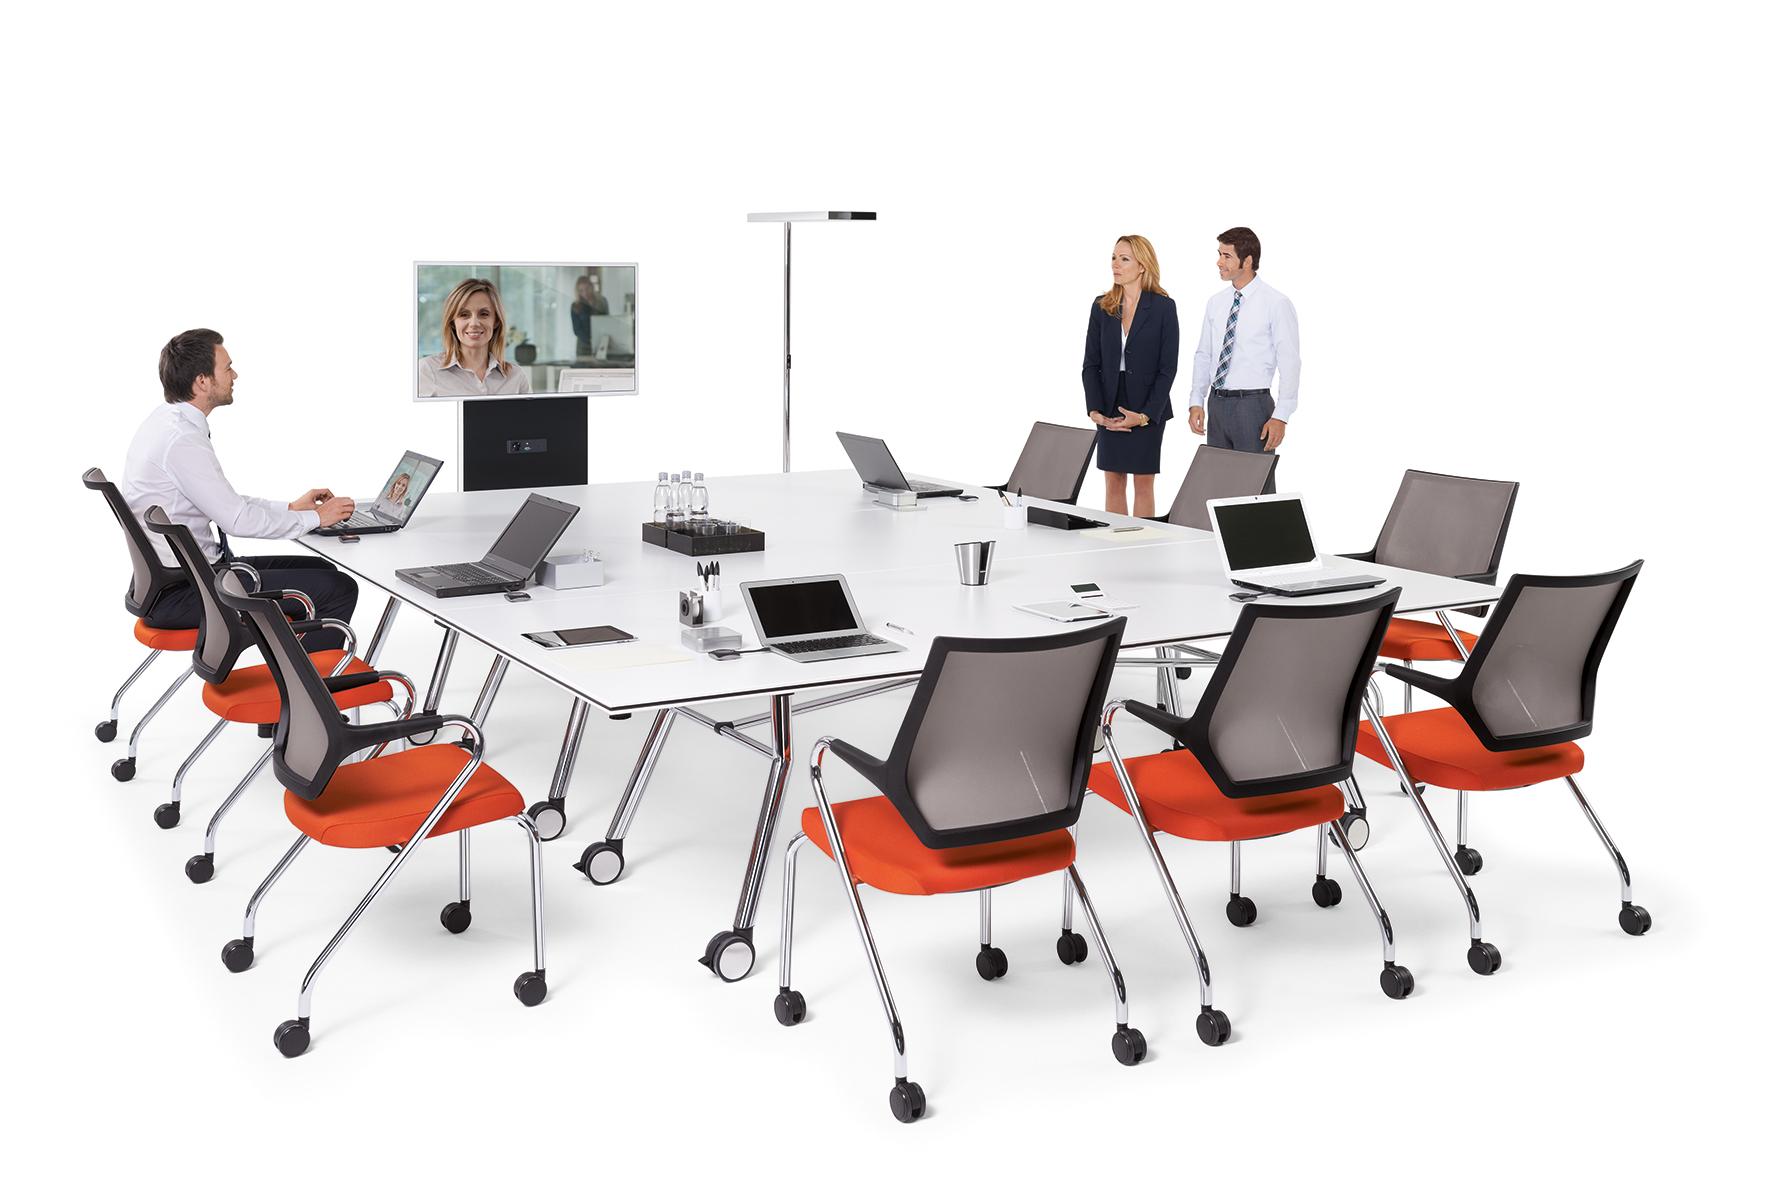 konferenztisch fold faltbar klappbar und rollbar. Black Bedroom Furniture Sets. Home Design Ideas